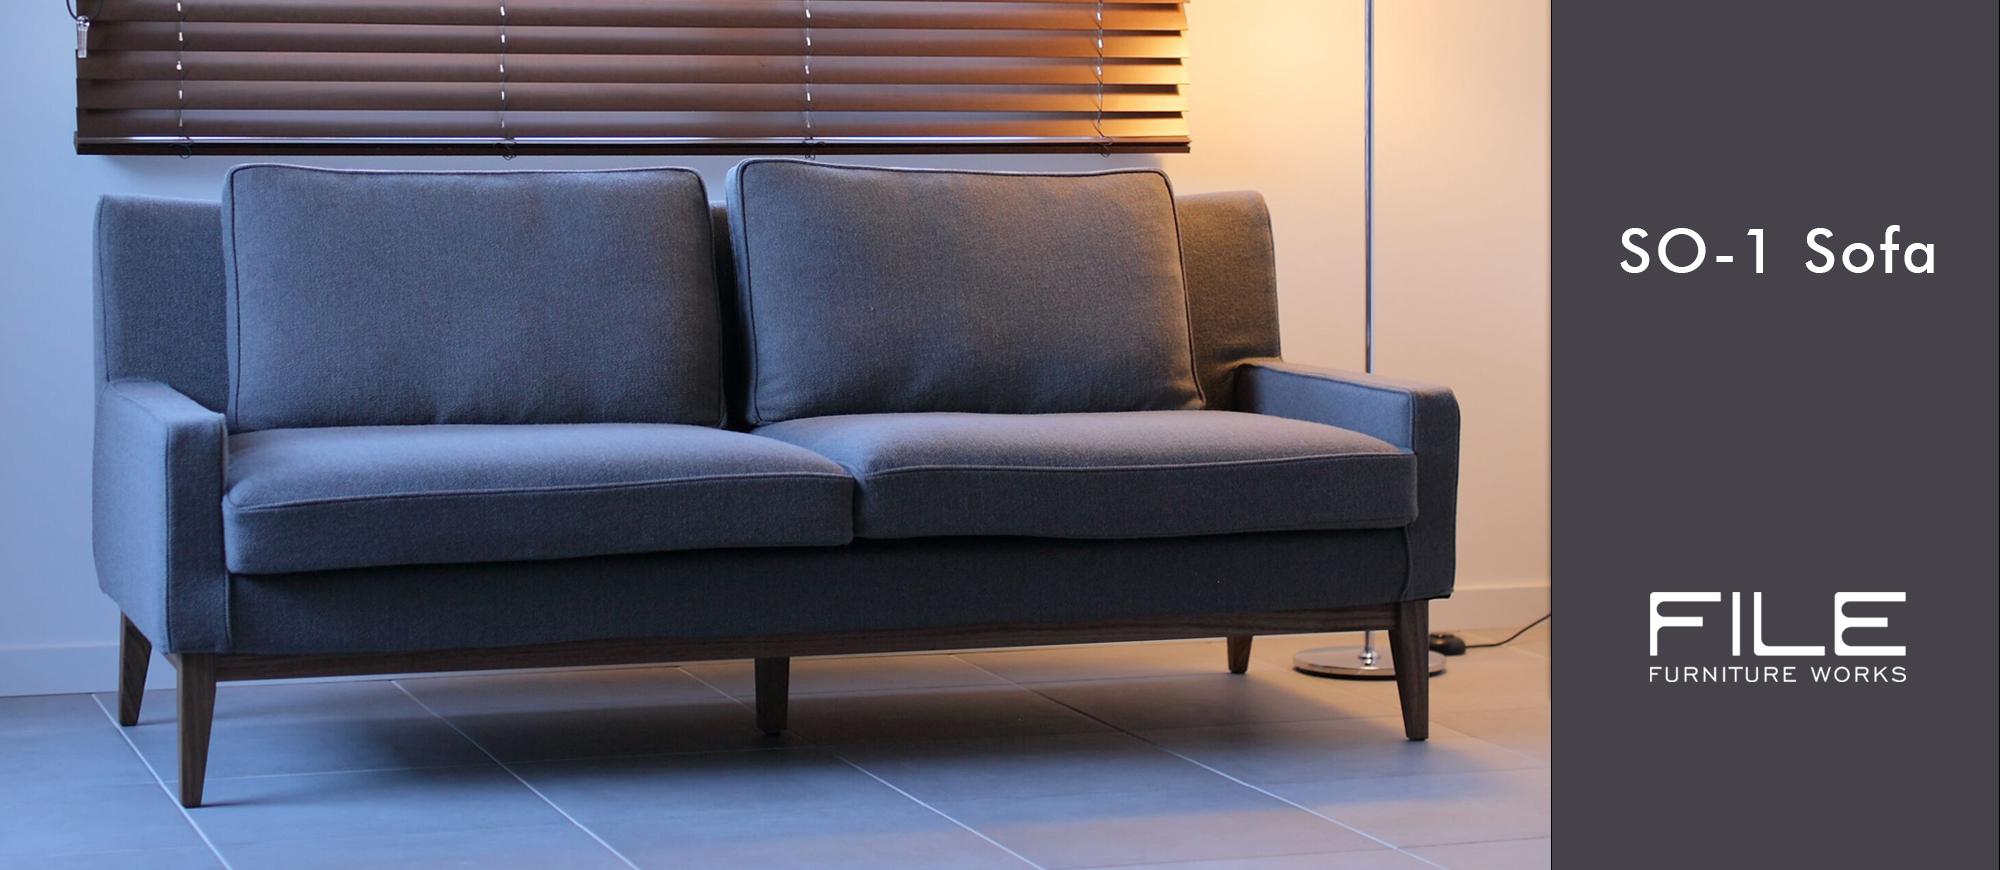 So-1 sofa